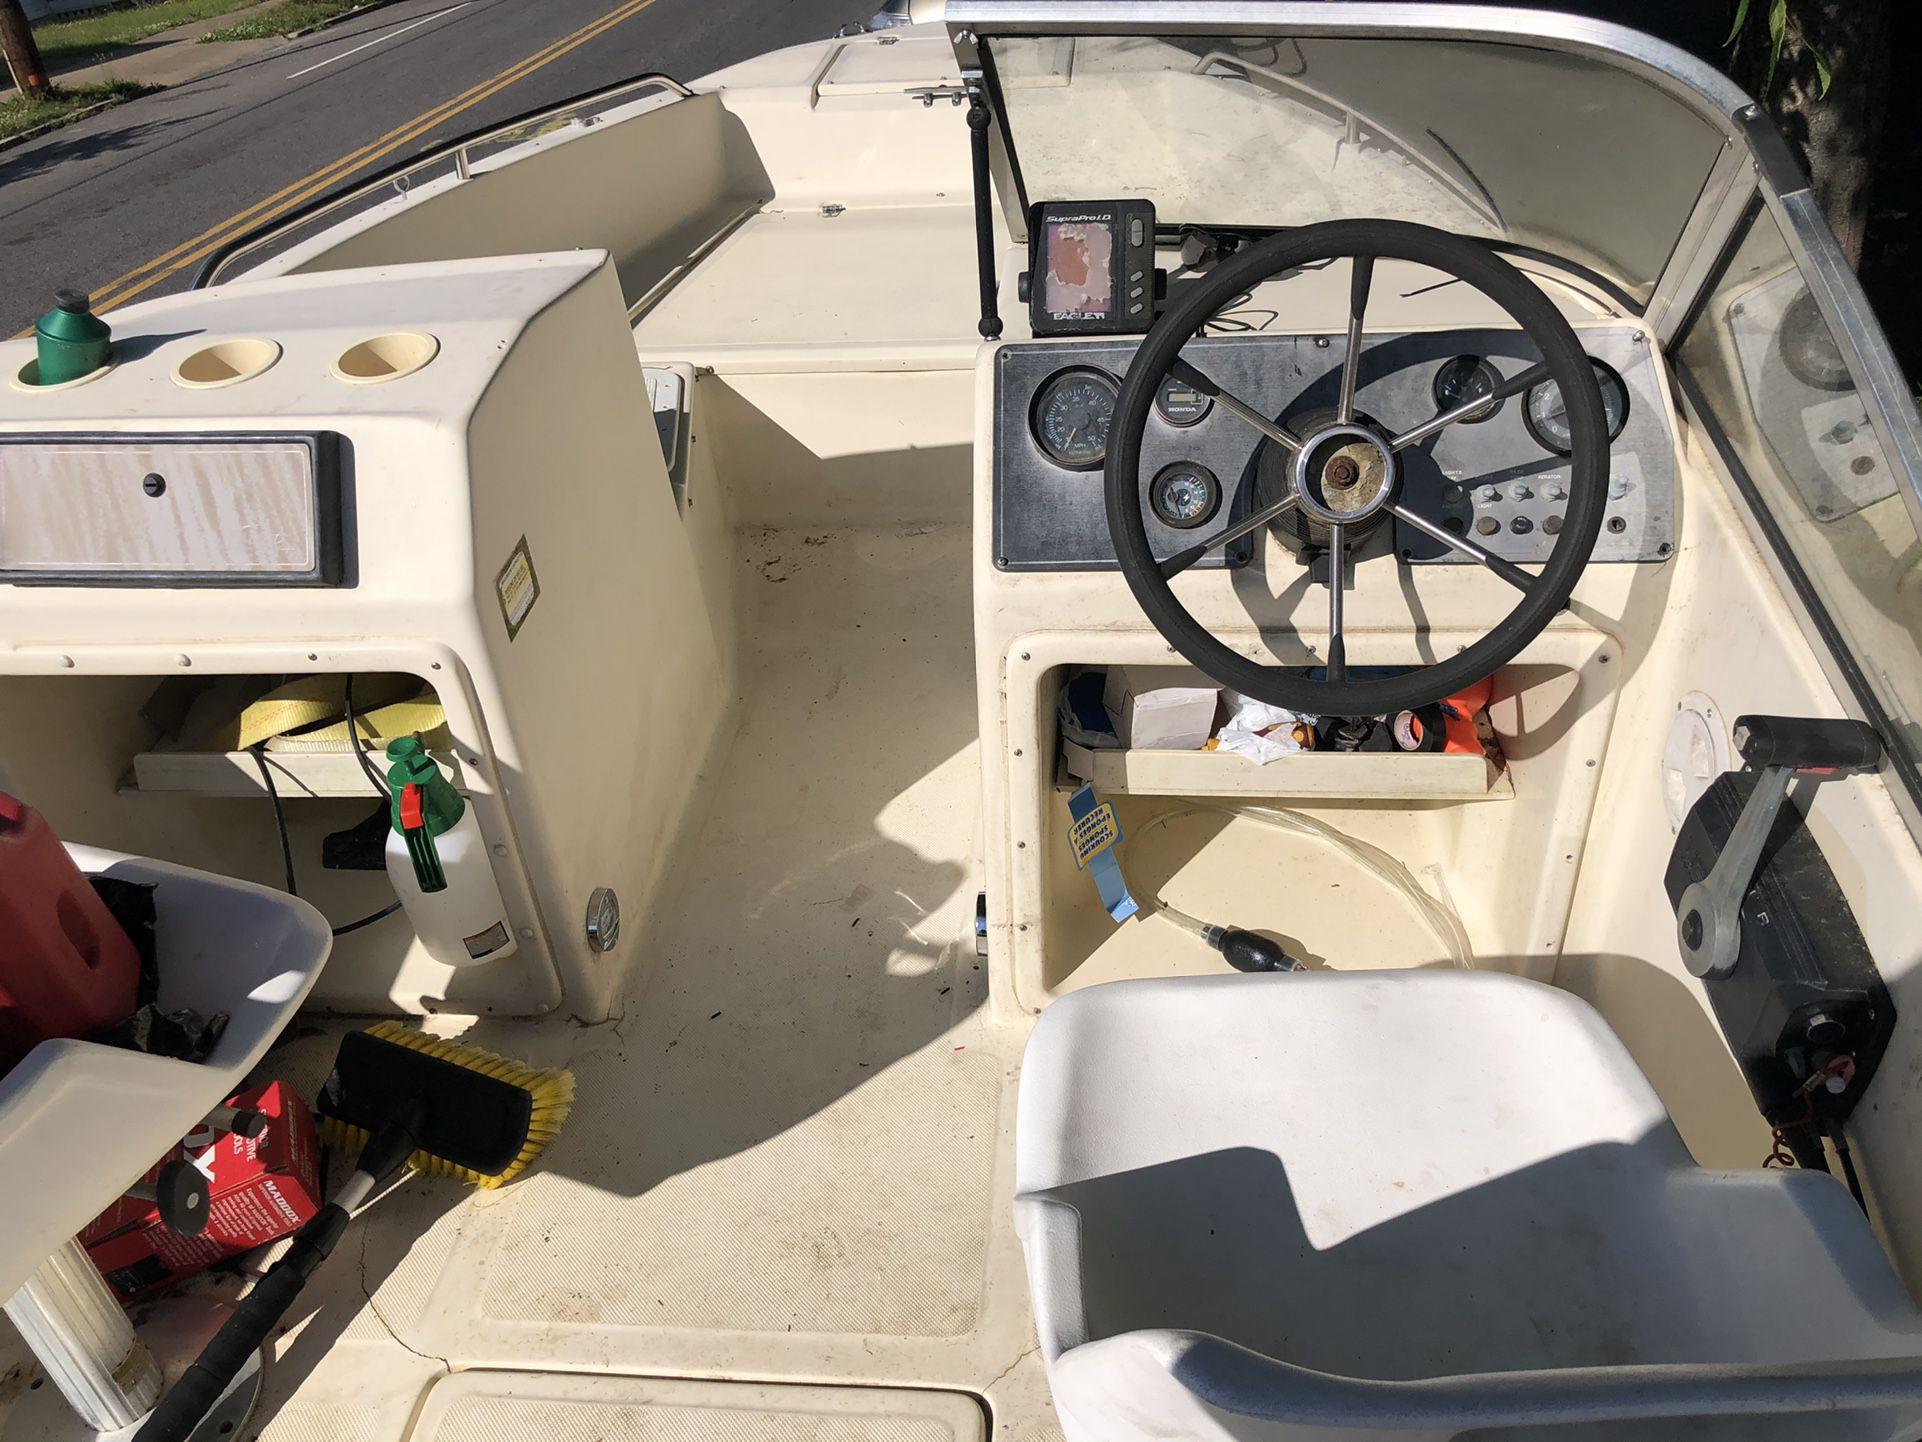 Photo Scout 172 Dorado 1993 17.2 Ft Dual Consol Fishing Boat